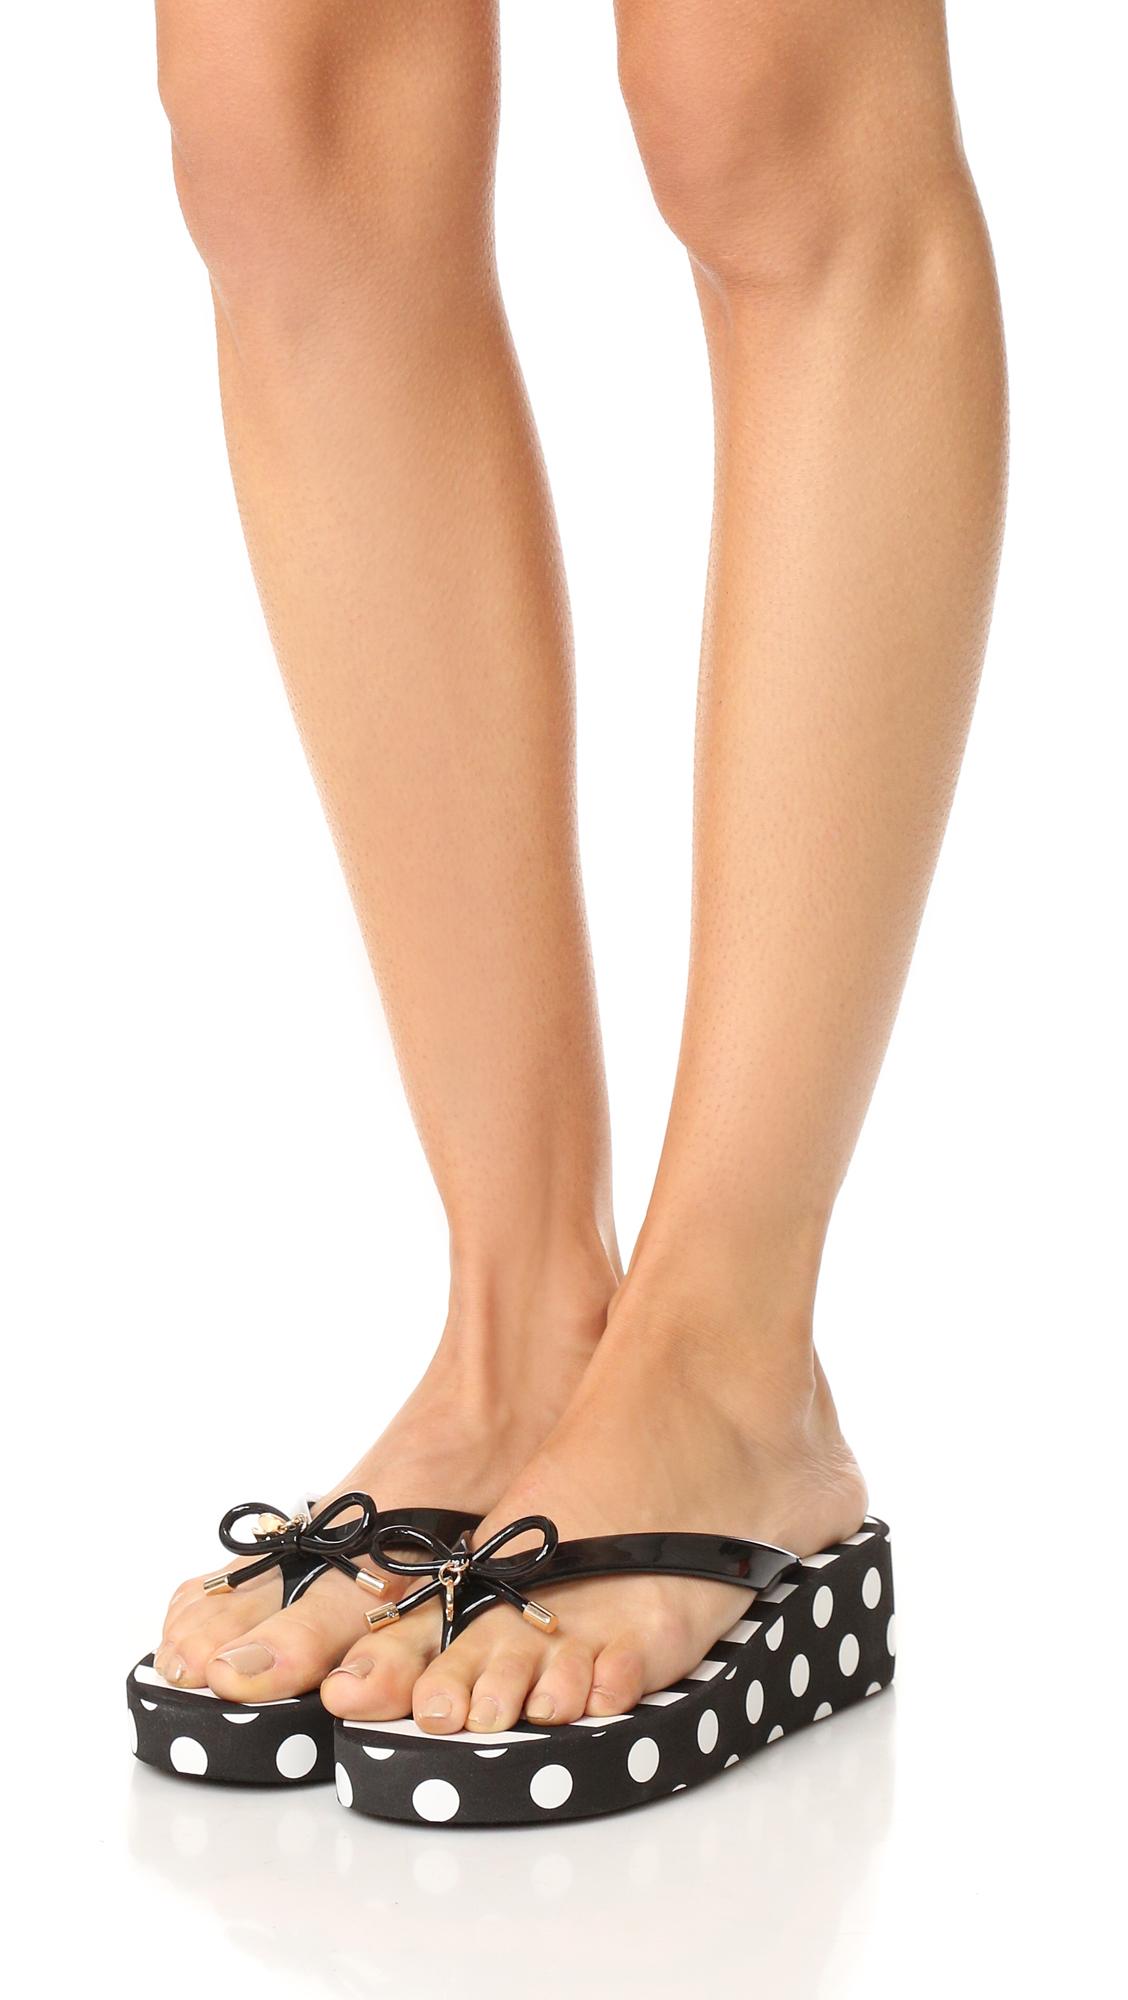 cb9e85c522d3 Kate Spade New York Rhett Wedge Flip Flops